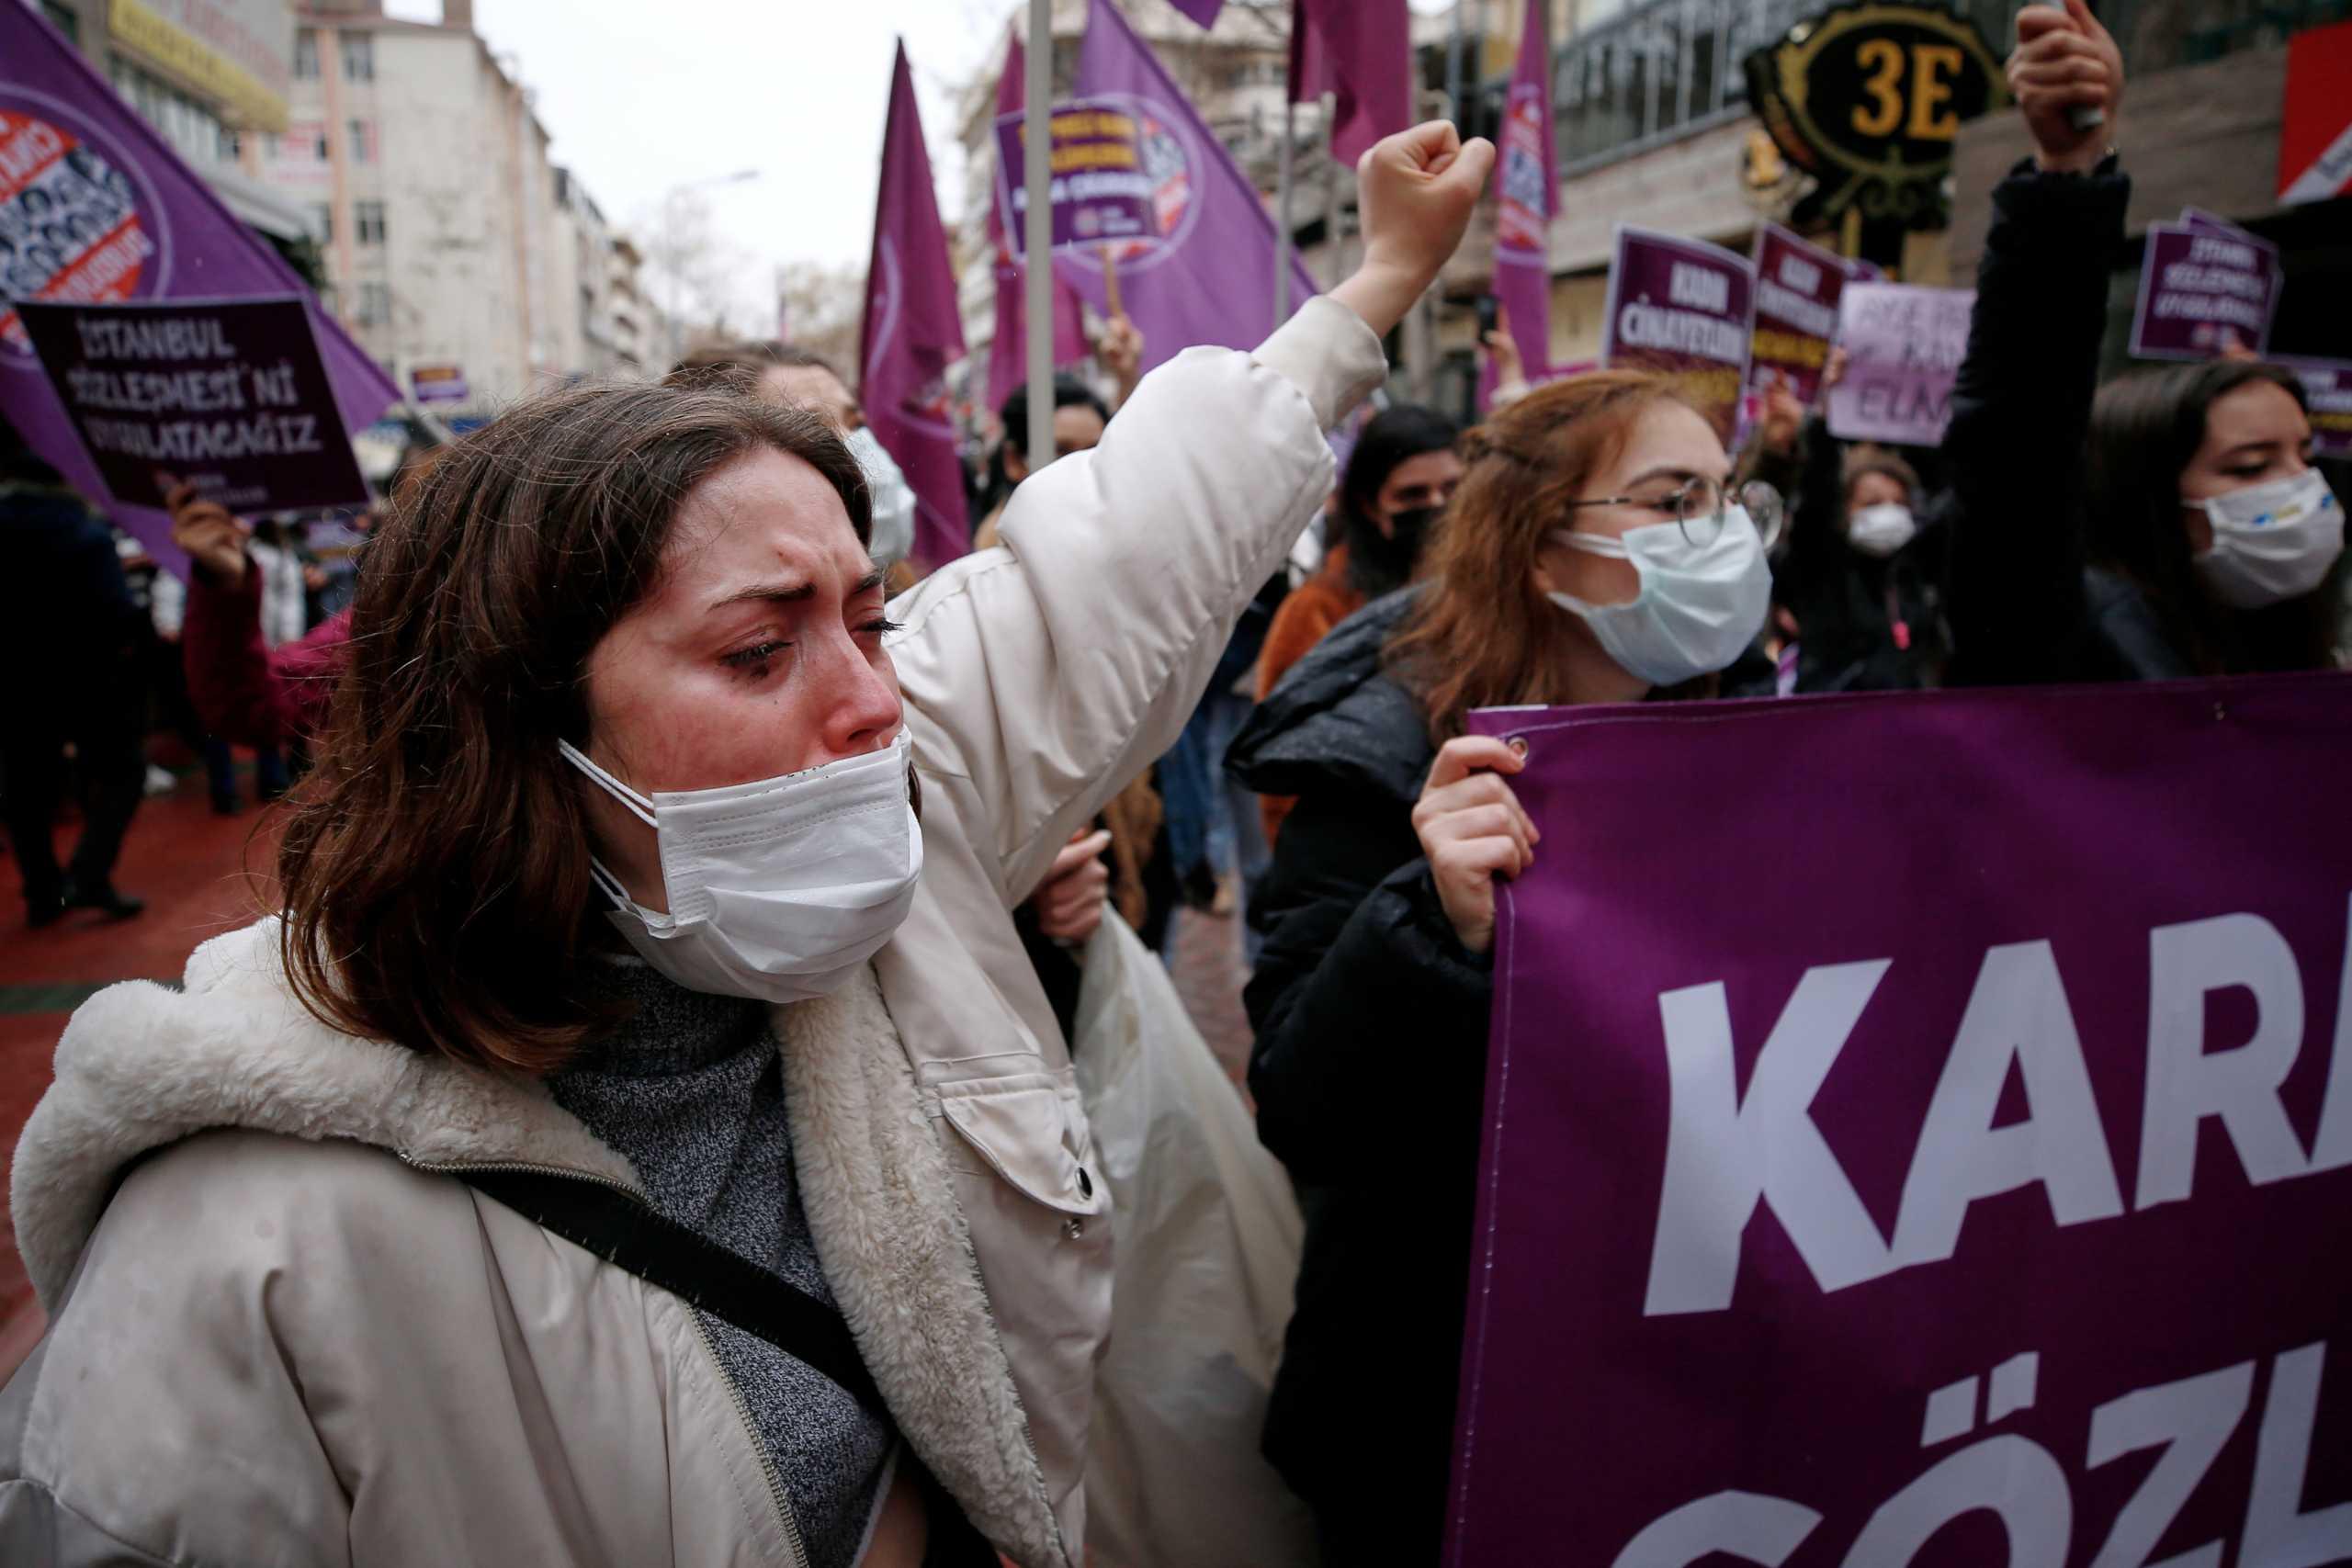 Ερντογάν -Τουρκία: Διαδηλώσεις για απόσυρση από διεθνή Σύμβαση κατά της βίας γυναικών (pics)